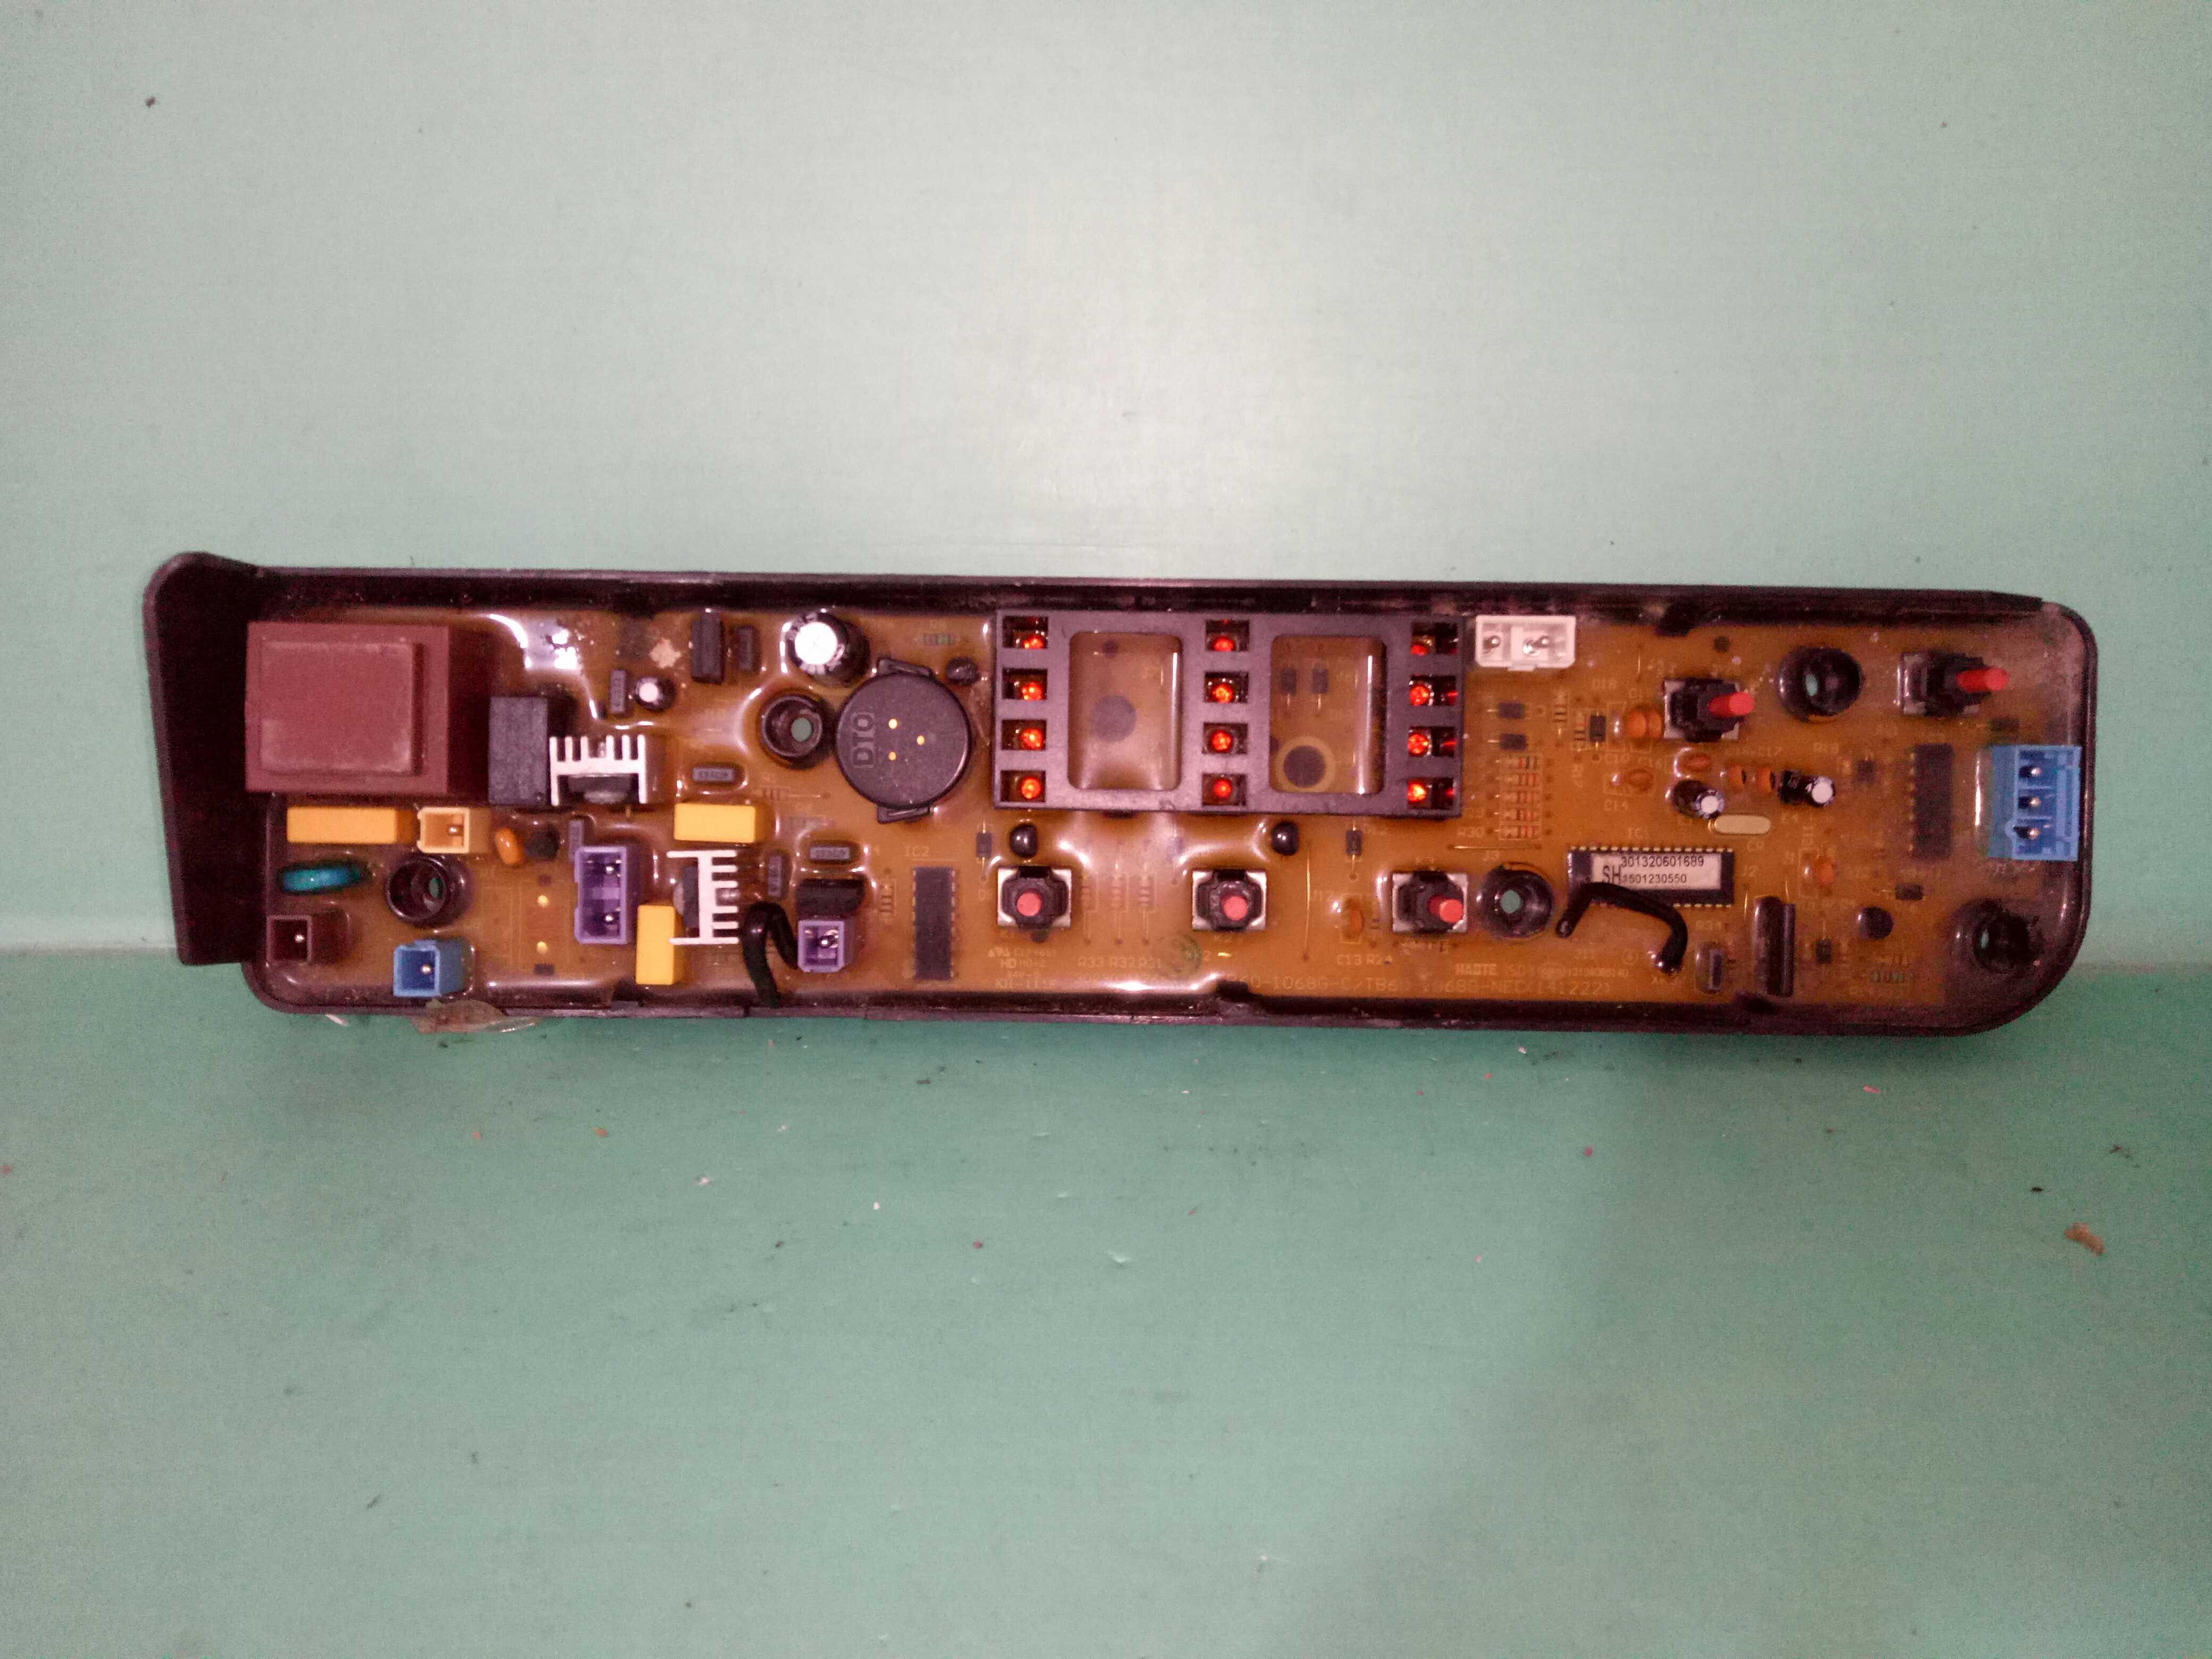 小天鹅洗衣机电脑板TB53-1068G(H) TB73-1068G(H) TB63-1068G(H),可领取元淘宝优惠券